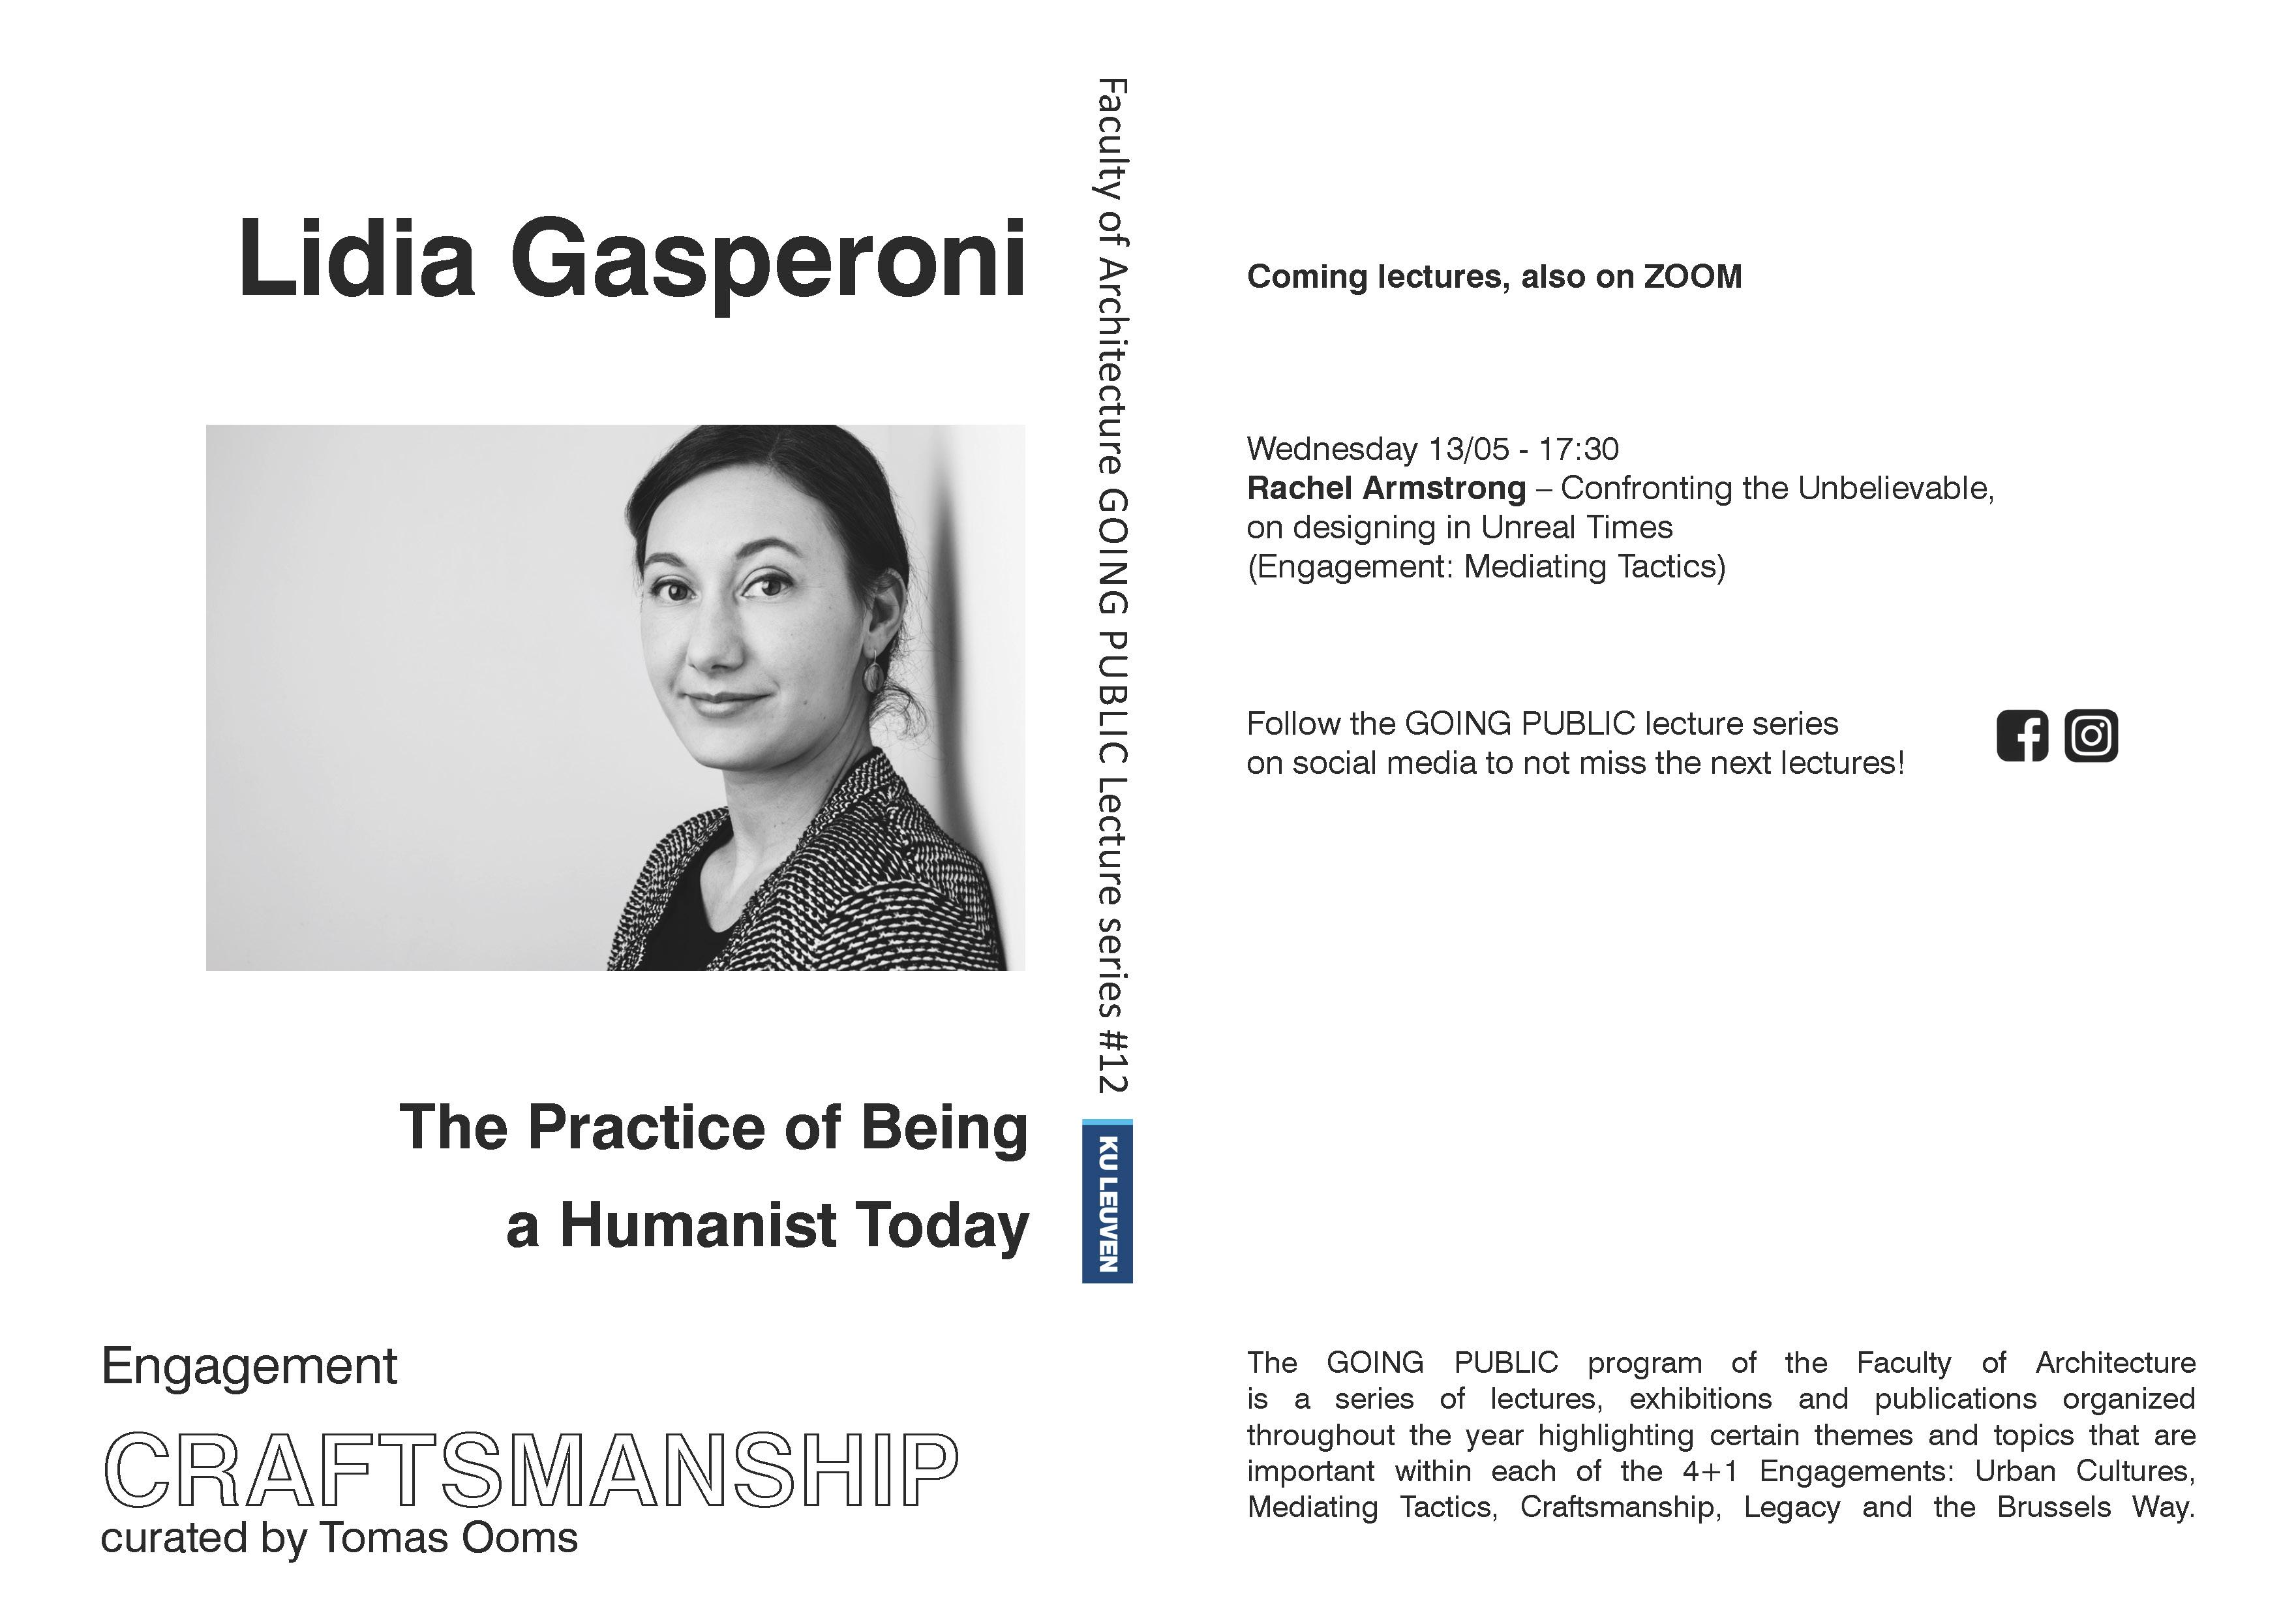 lidia-gasperoni_leaflet_page_1